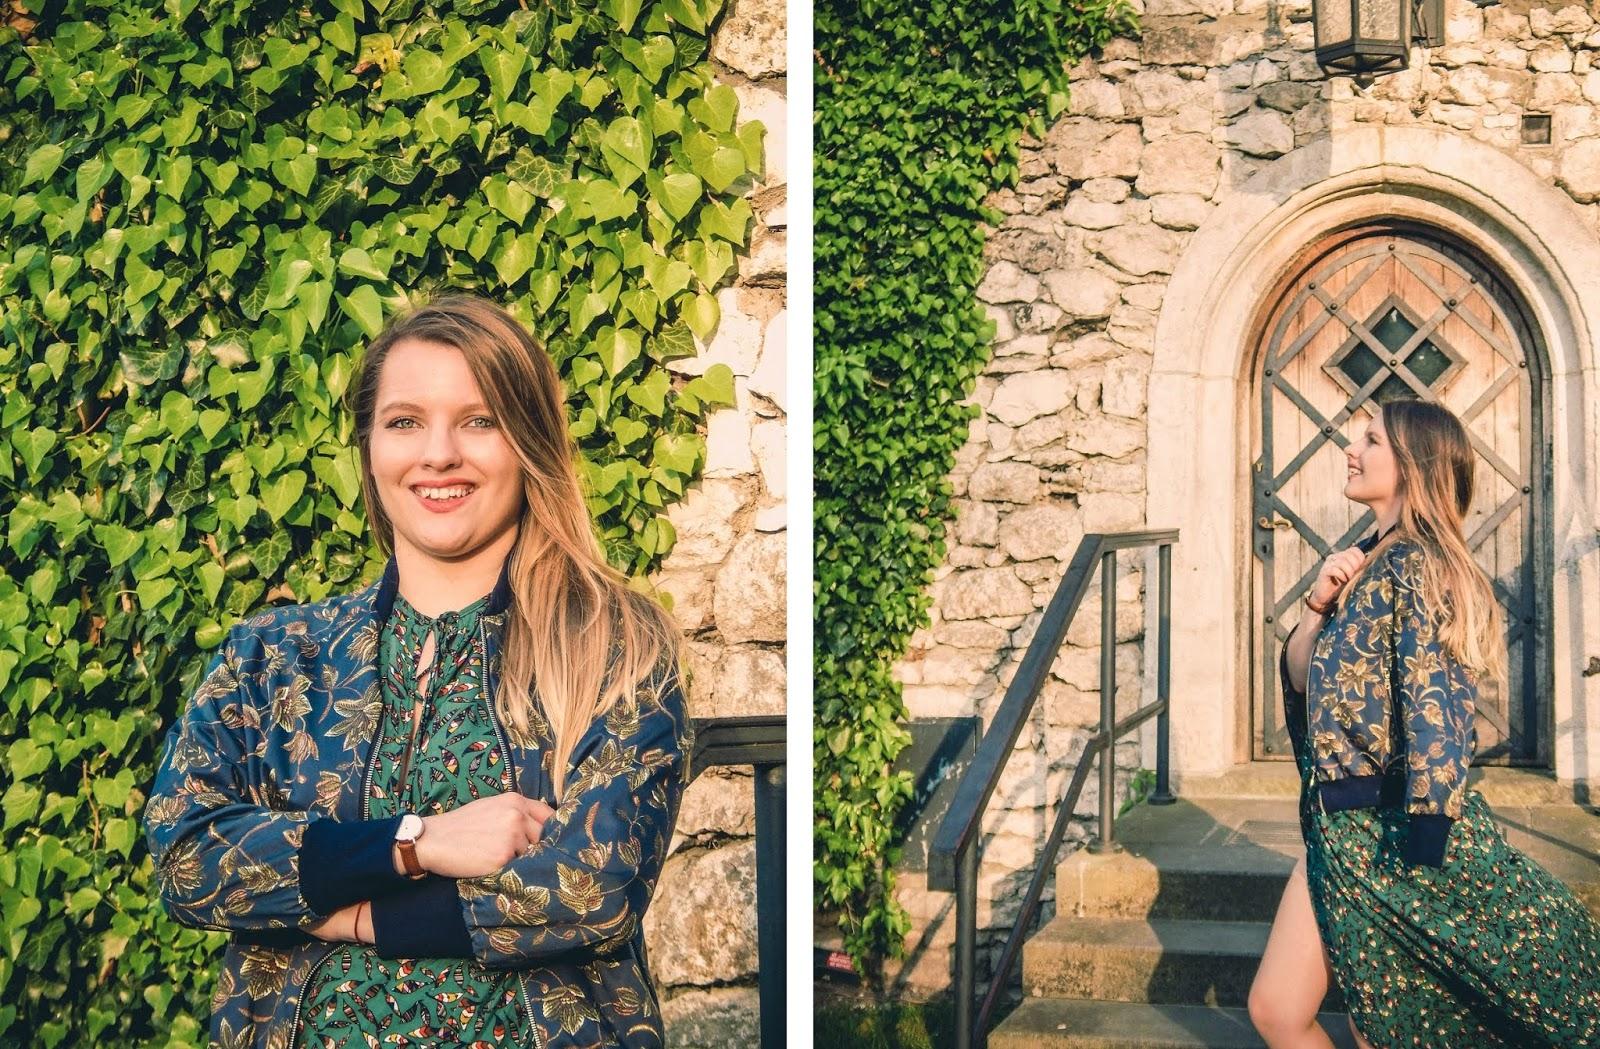 7 stylizacja polskie blogi modowe streetwear daniel wellington pracownia fio ciekawe polskie młode marki modowe odzieżowe instagram melodylaniella